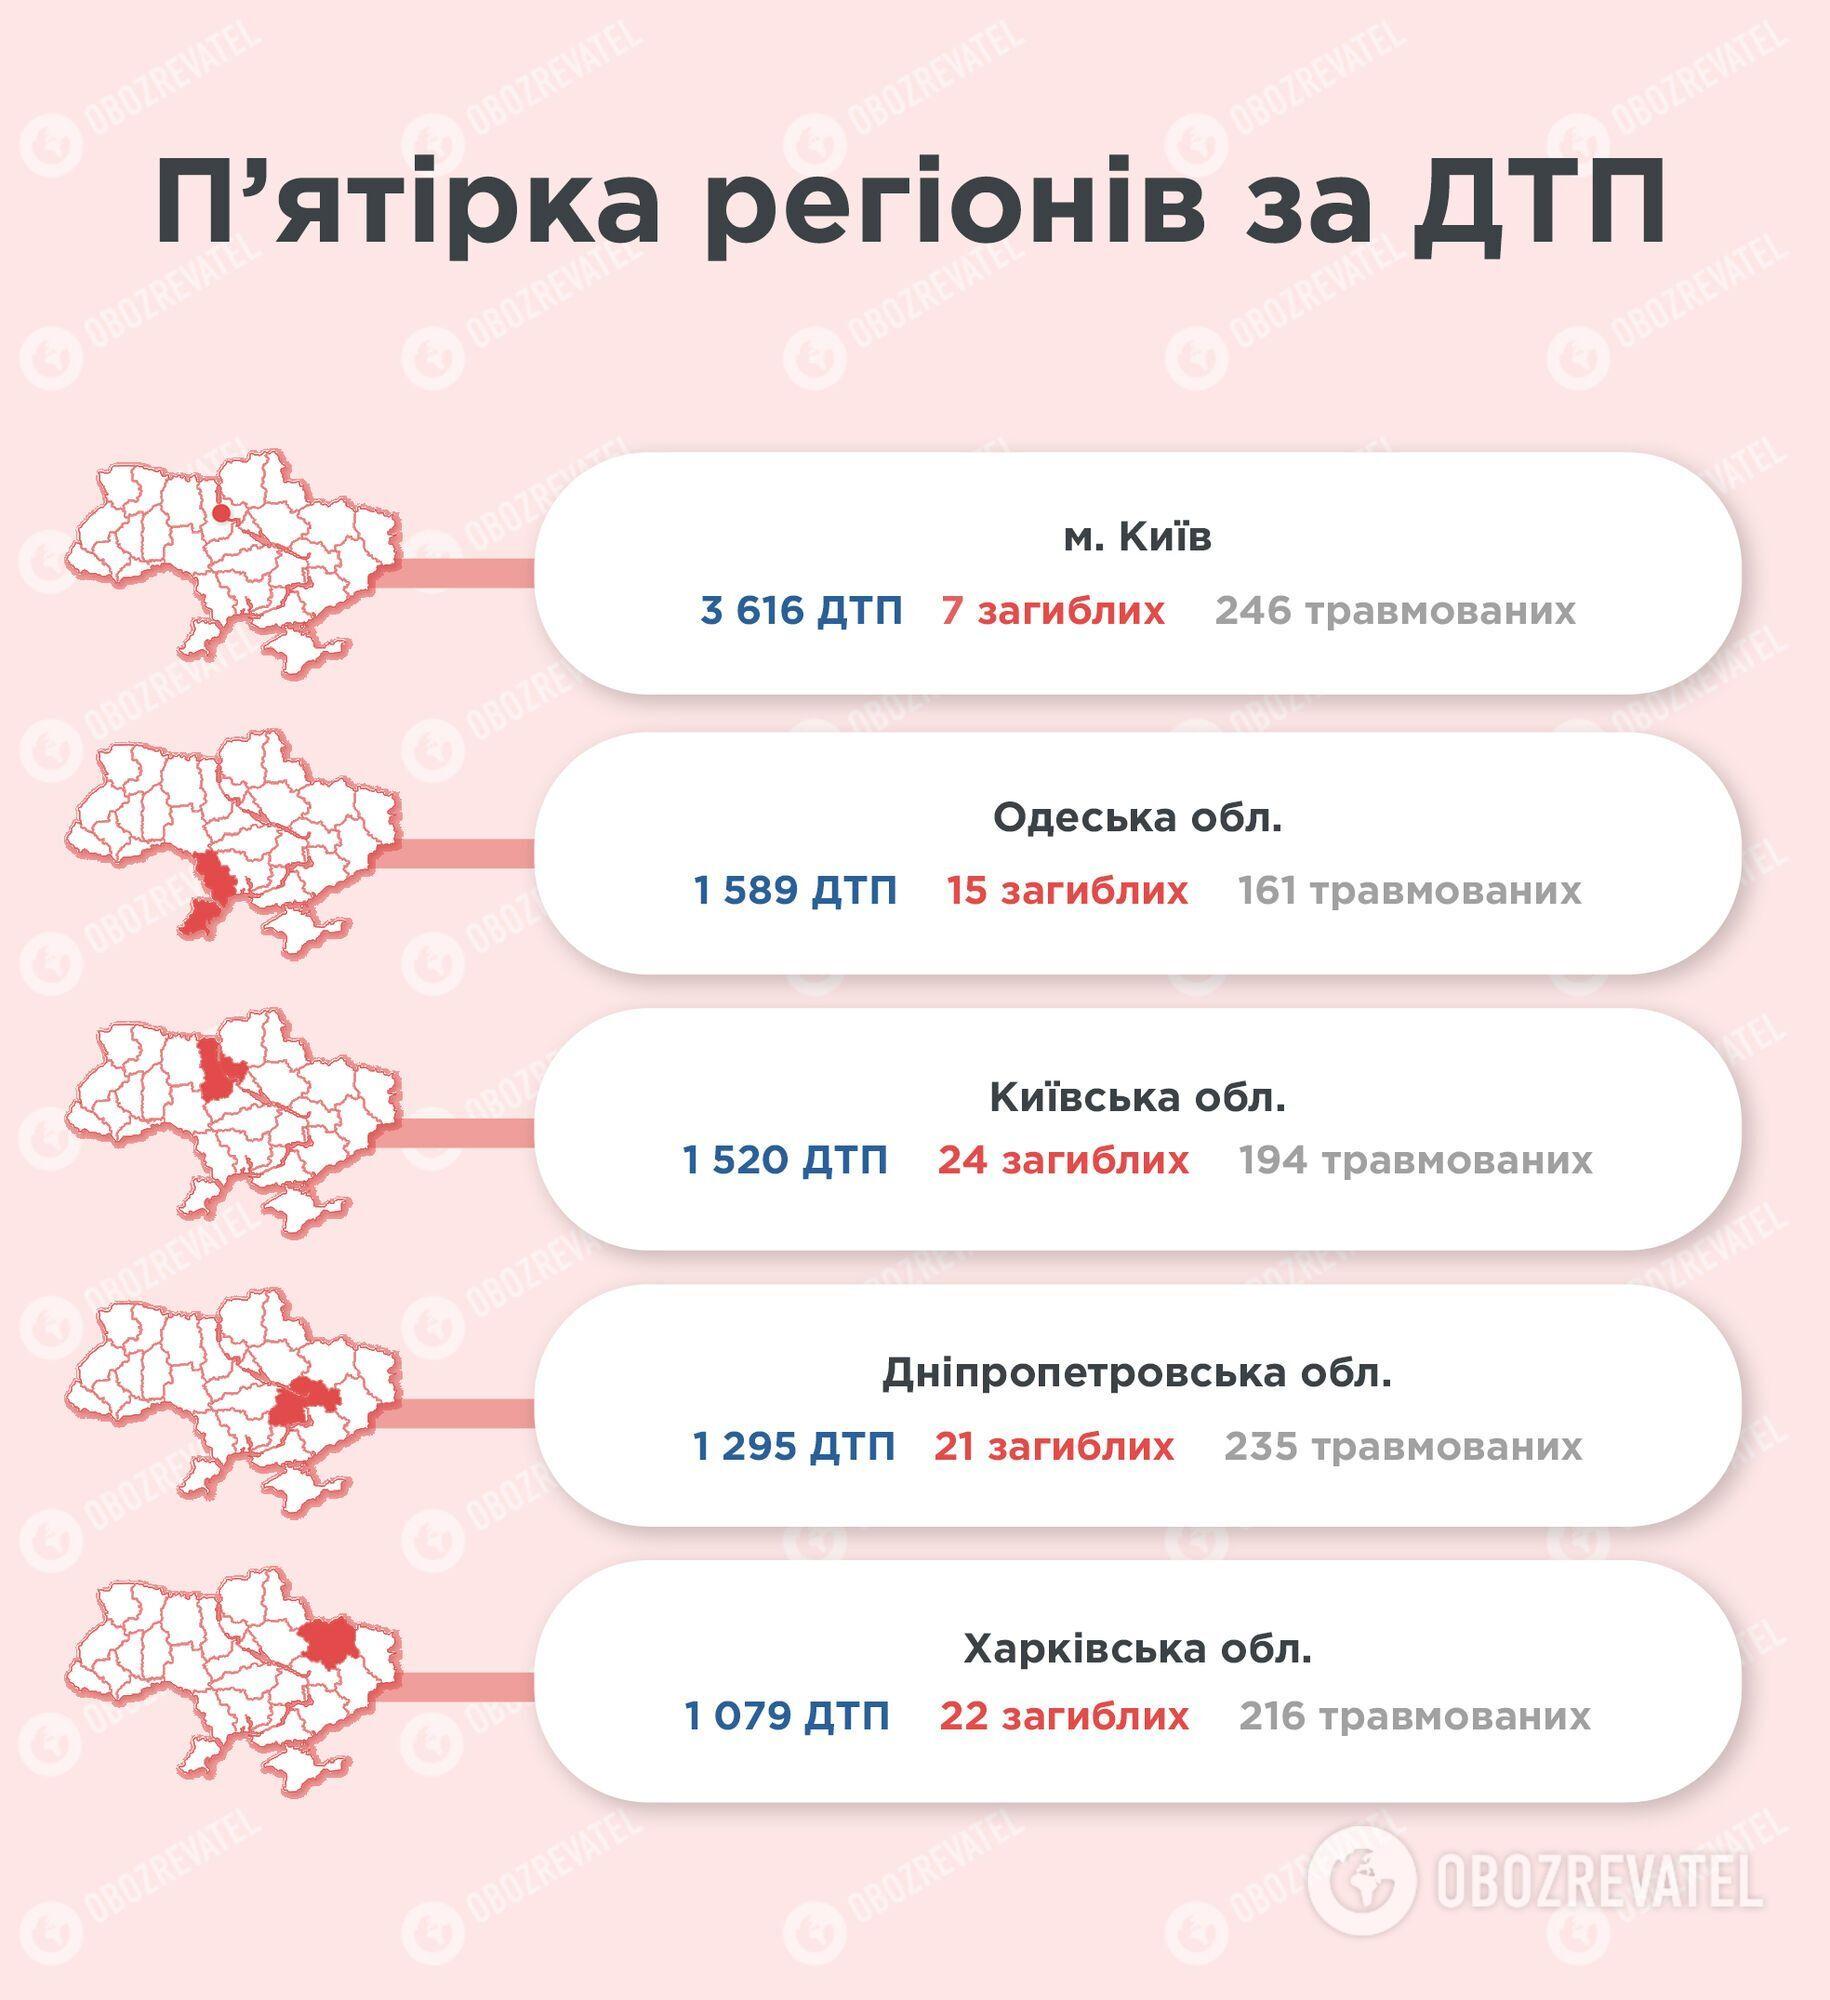 П'ятірка регіонів за кількістю ДТП в серпні.